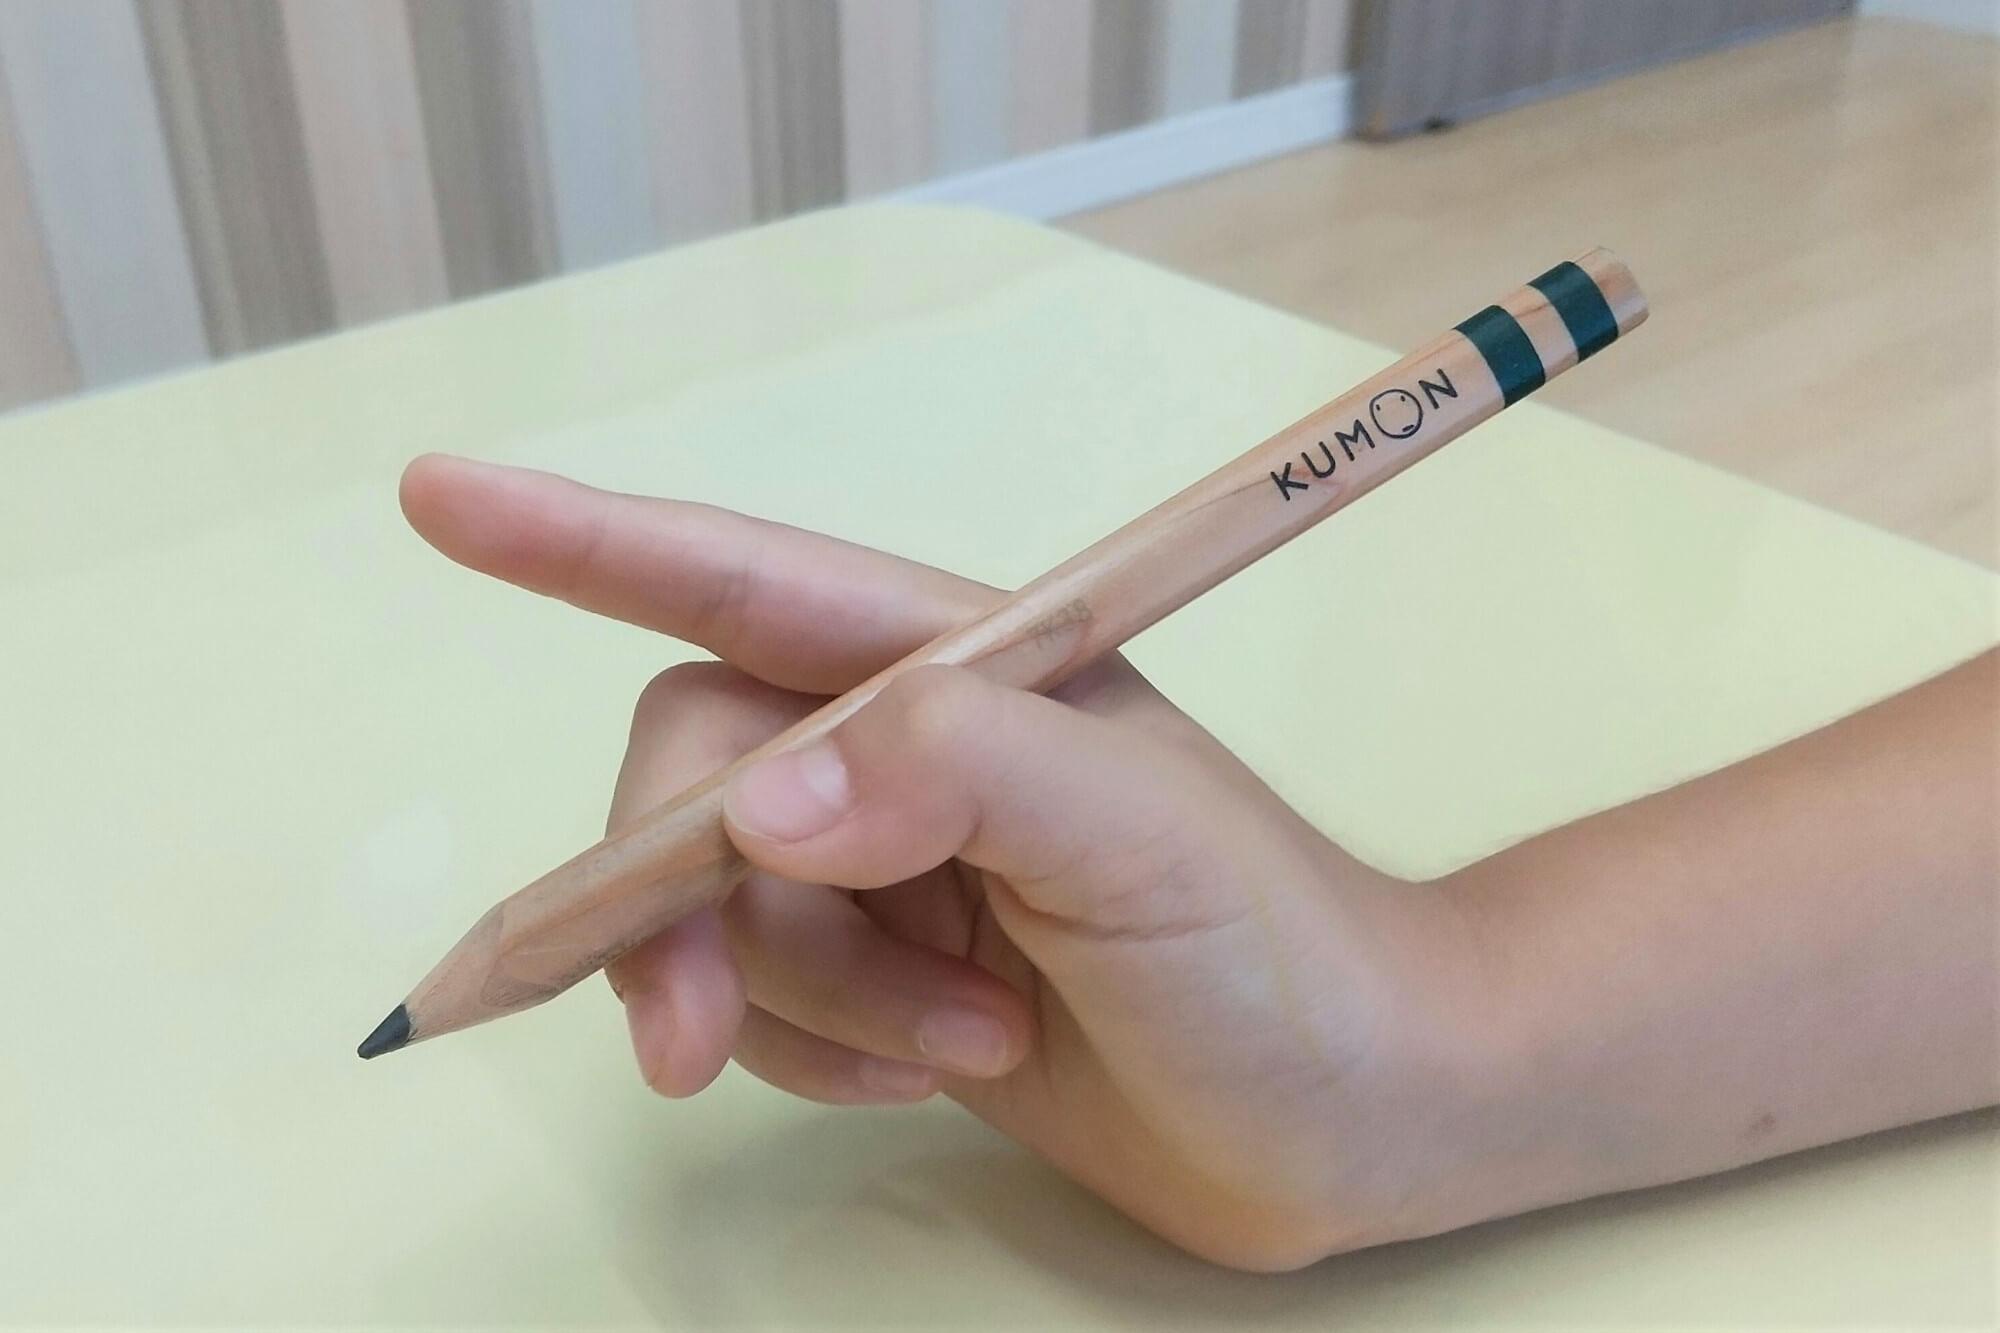 鉛筆の正しい持ち方を伝える様子